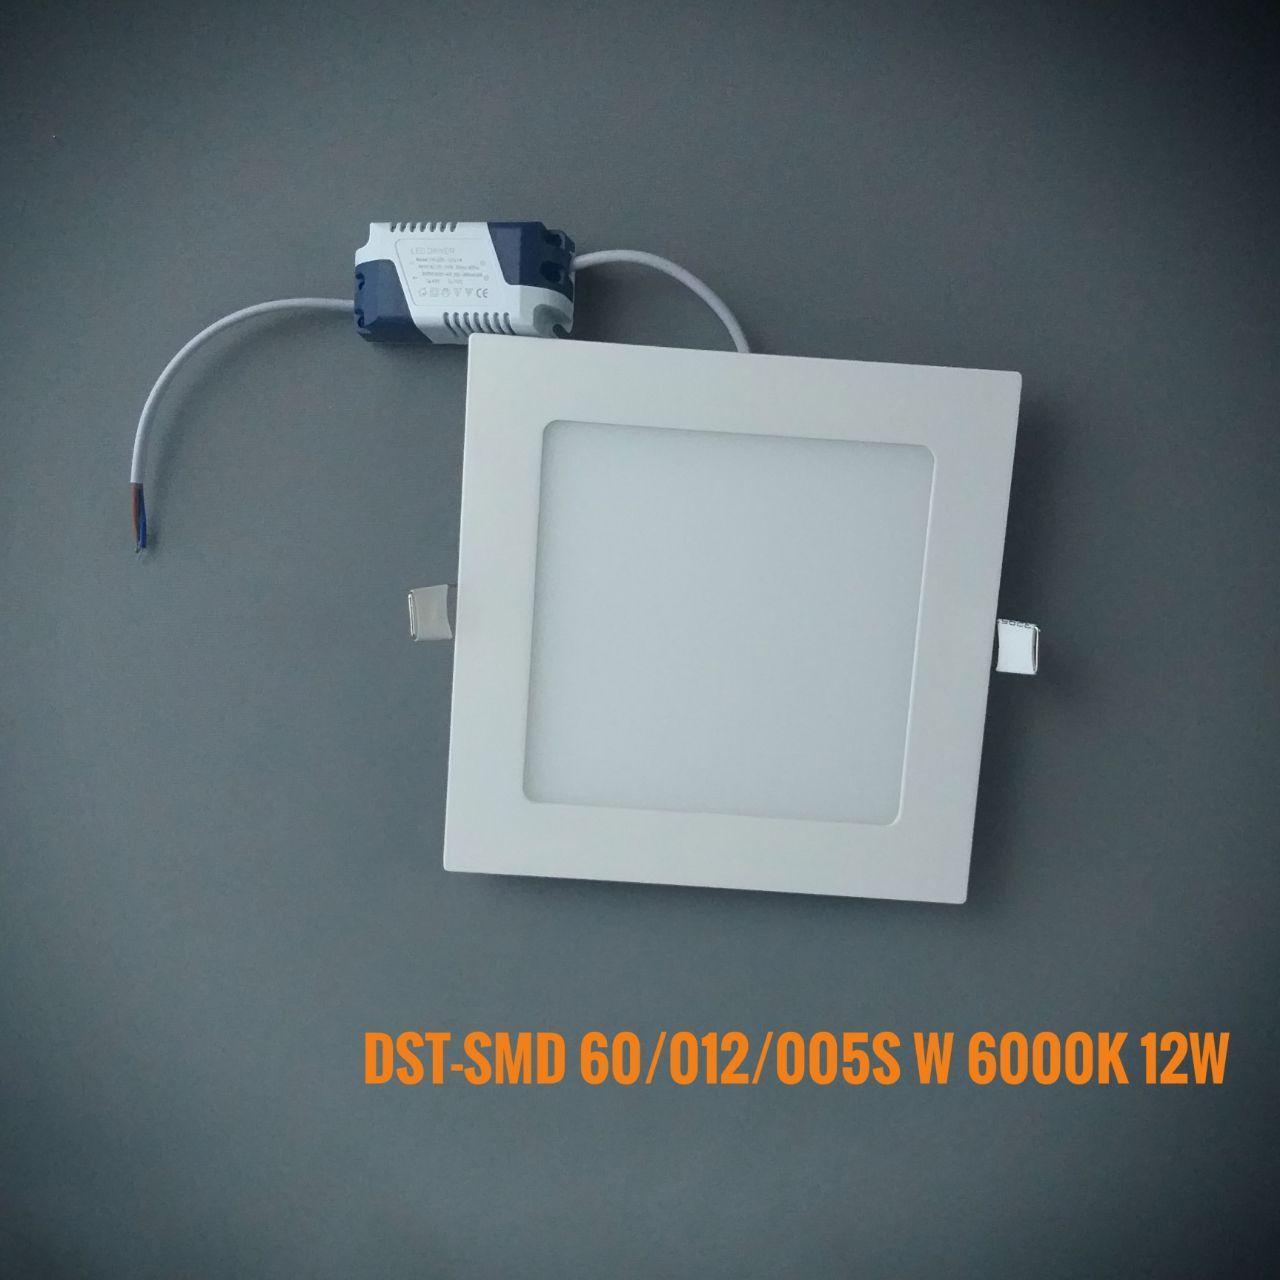 Светодиодная панель квадрат врезной DST-SMD60/012/005S W 6000K 12W